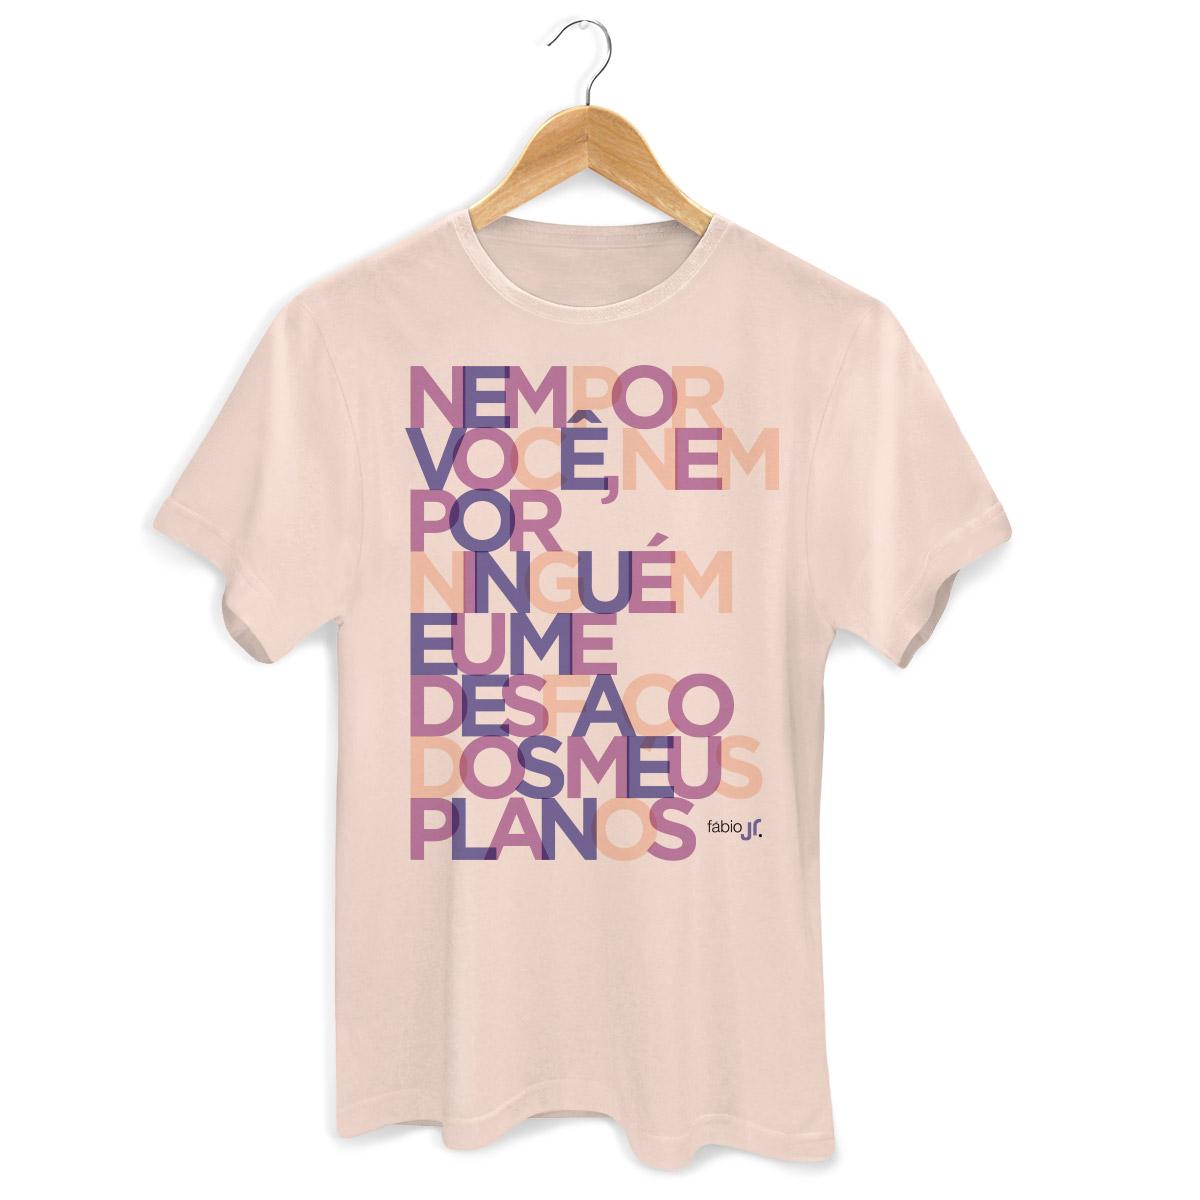 Camiseta Masculina Fábio Jr Meus Planos